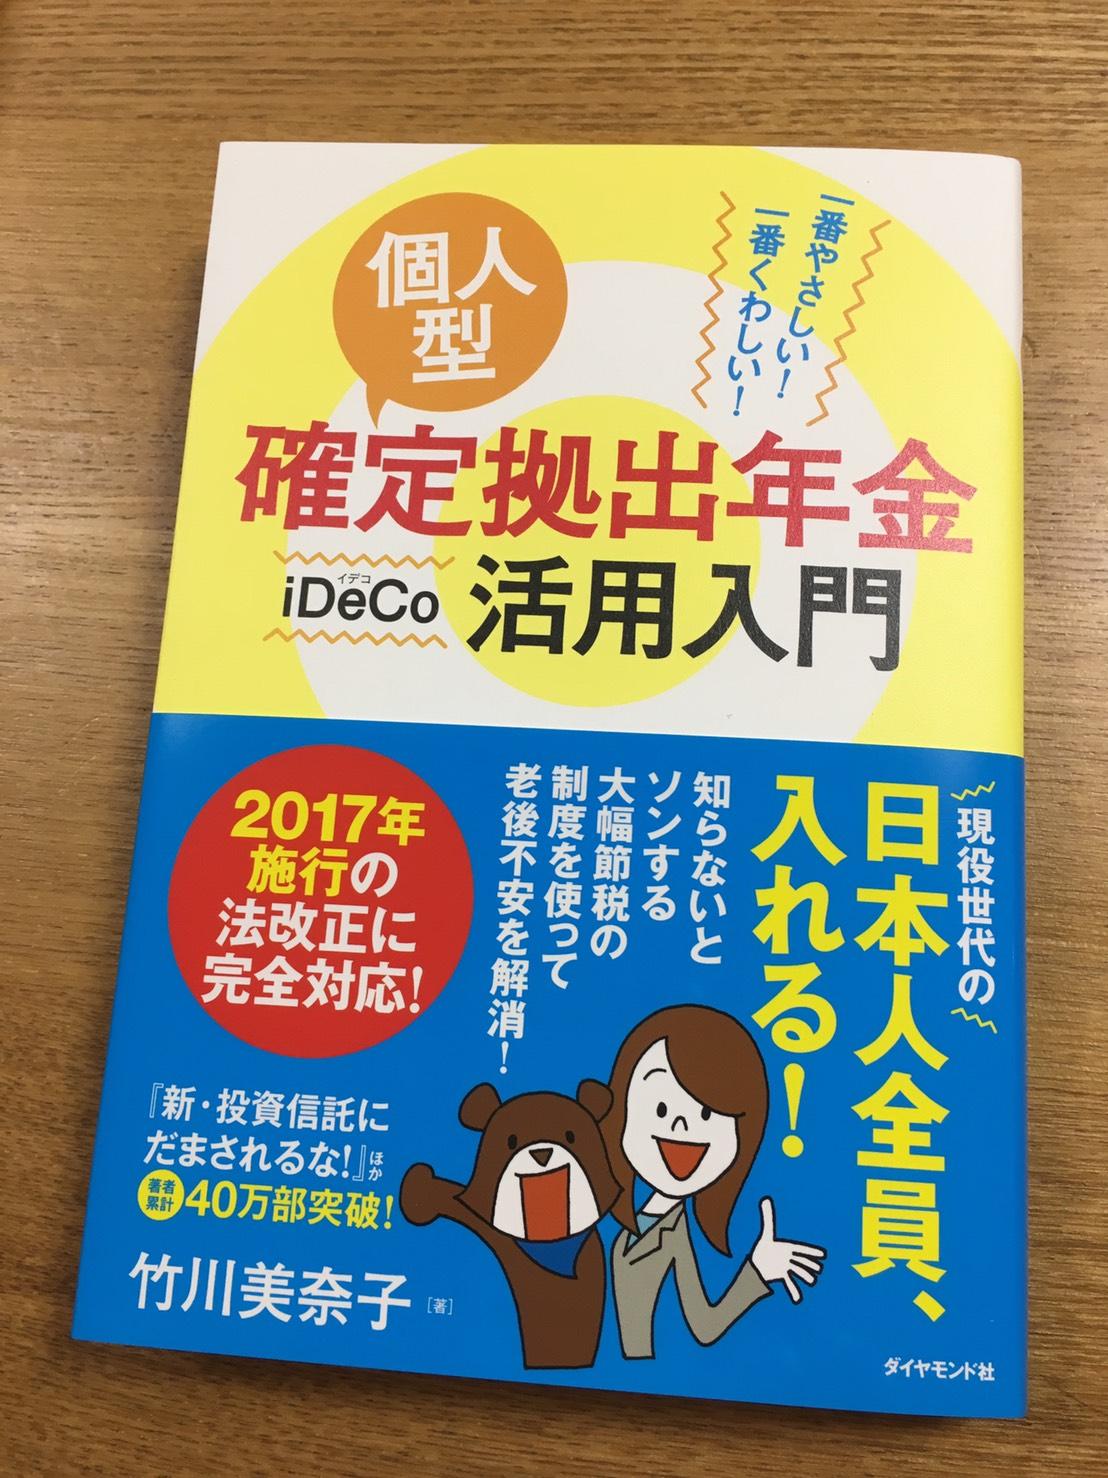 【個人型 確定拠出年金iDeCo活用入門】 竹川美奈子 ①老後のお金考えてますか?